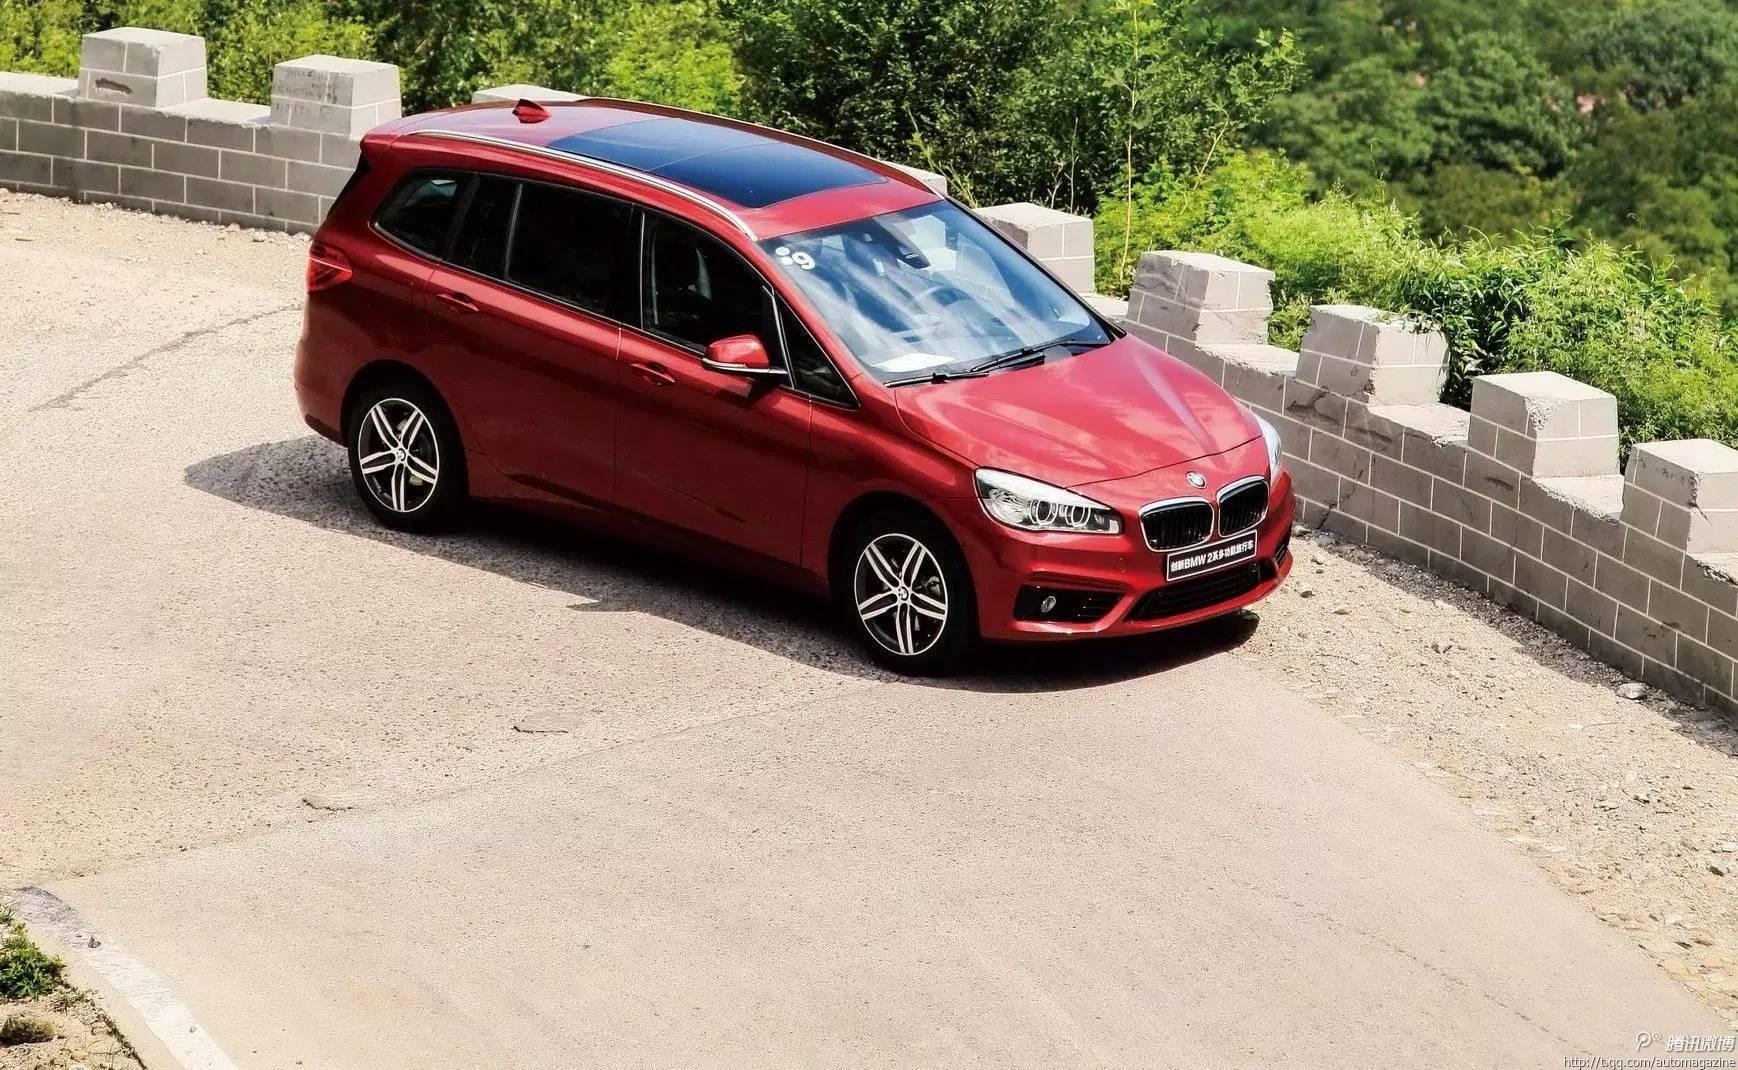 BMW 2系多功能旅行车 000